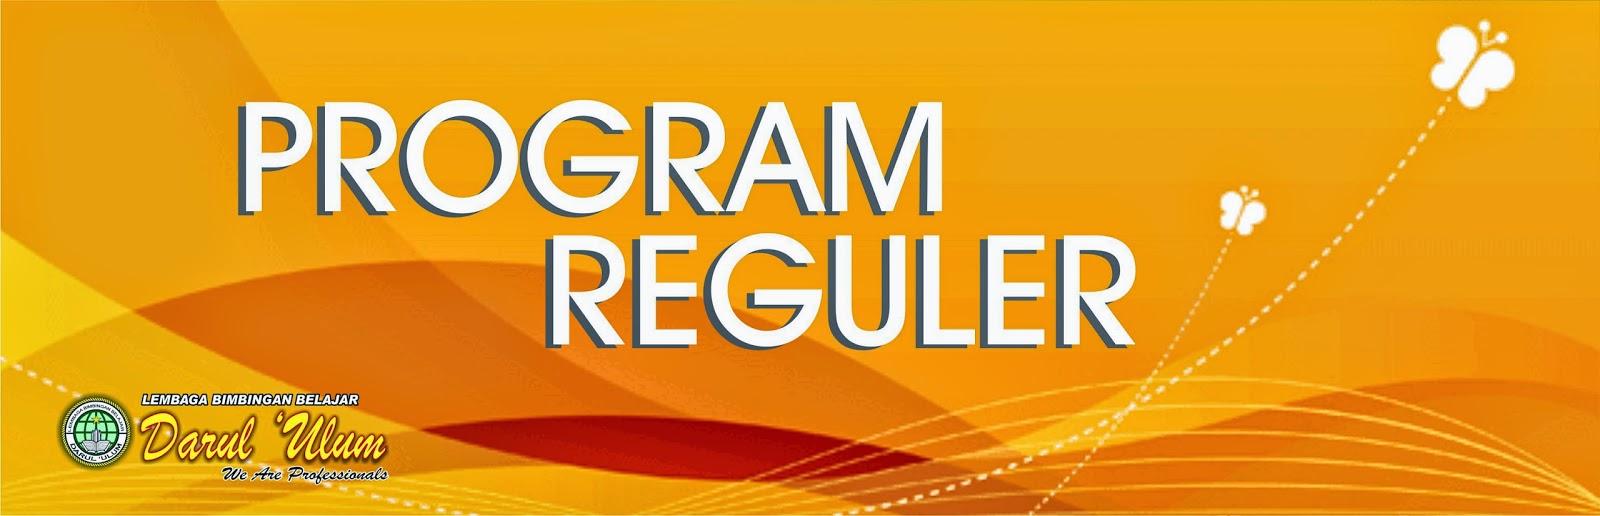 Informasi Pendaftaran Program Reguler 2014 2015 Lbb Darul Ulum Jombang